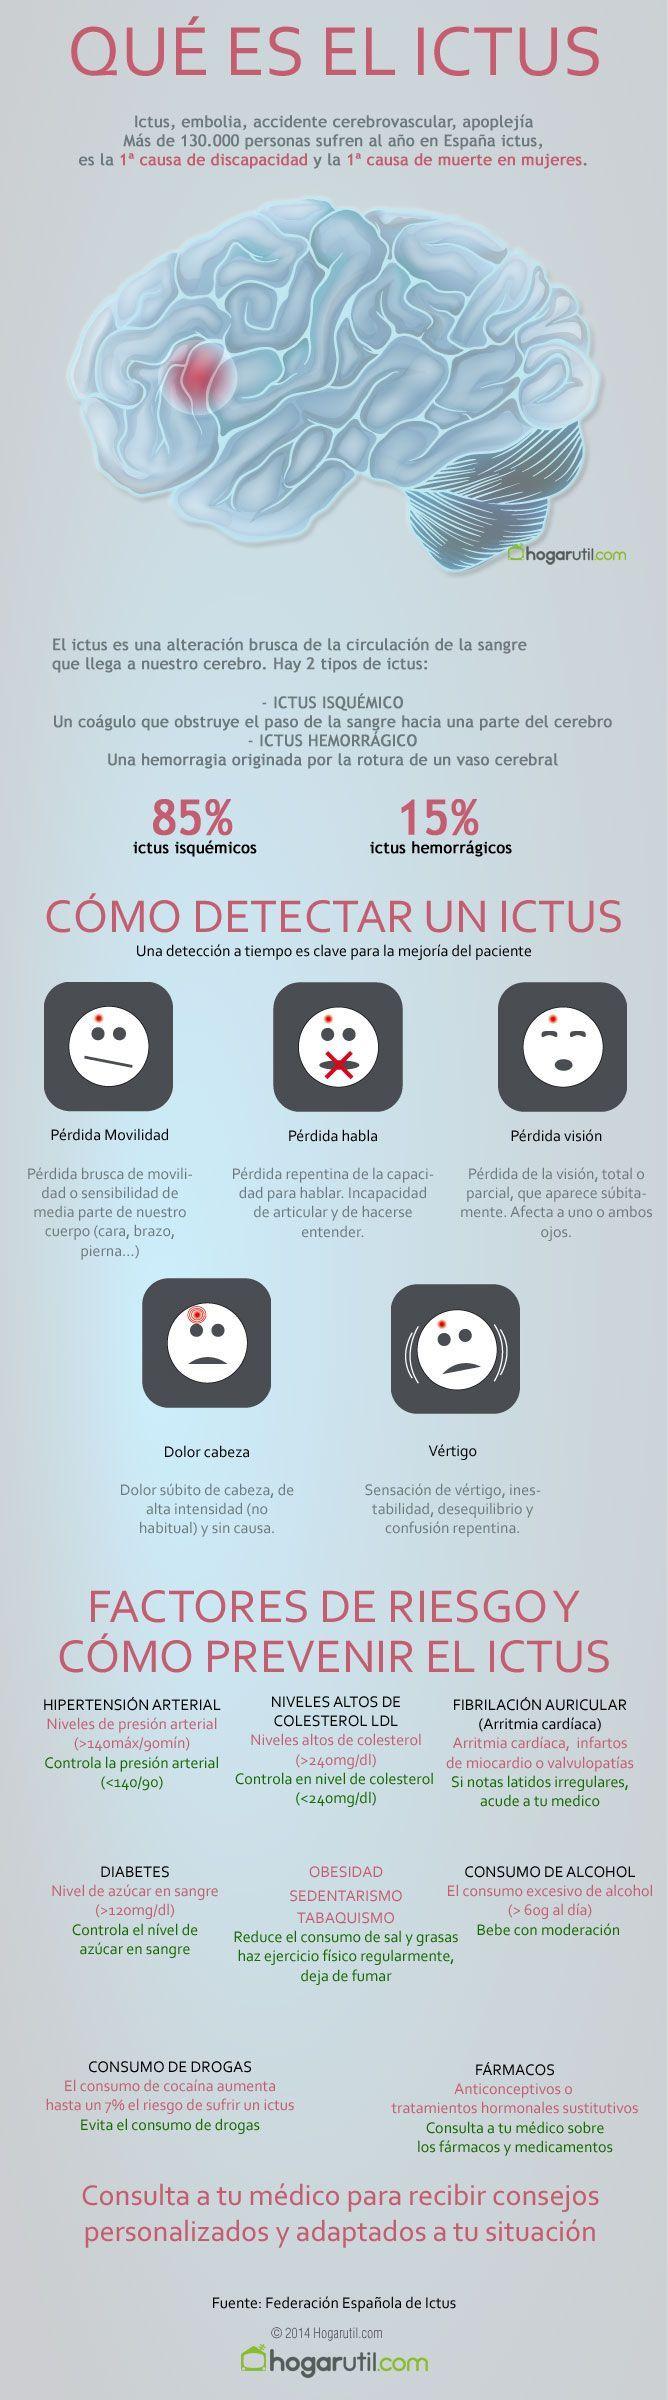 Infografía sobre el ictus. Qué es, factores de riesgo y cómo prevenir los accidentes cerebrovasculares. #ictus #salud